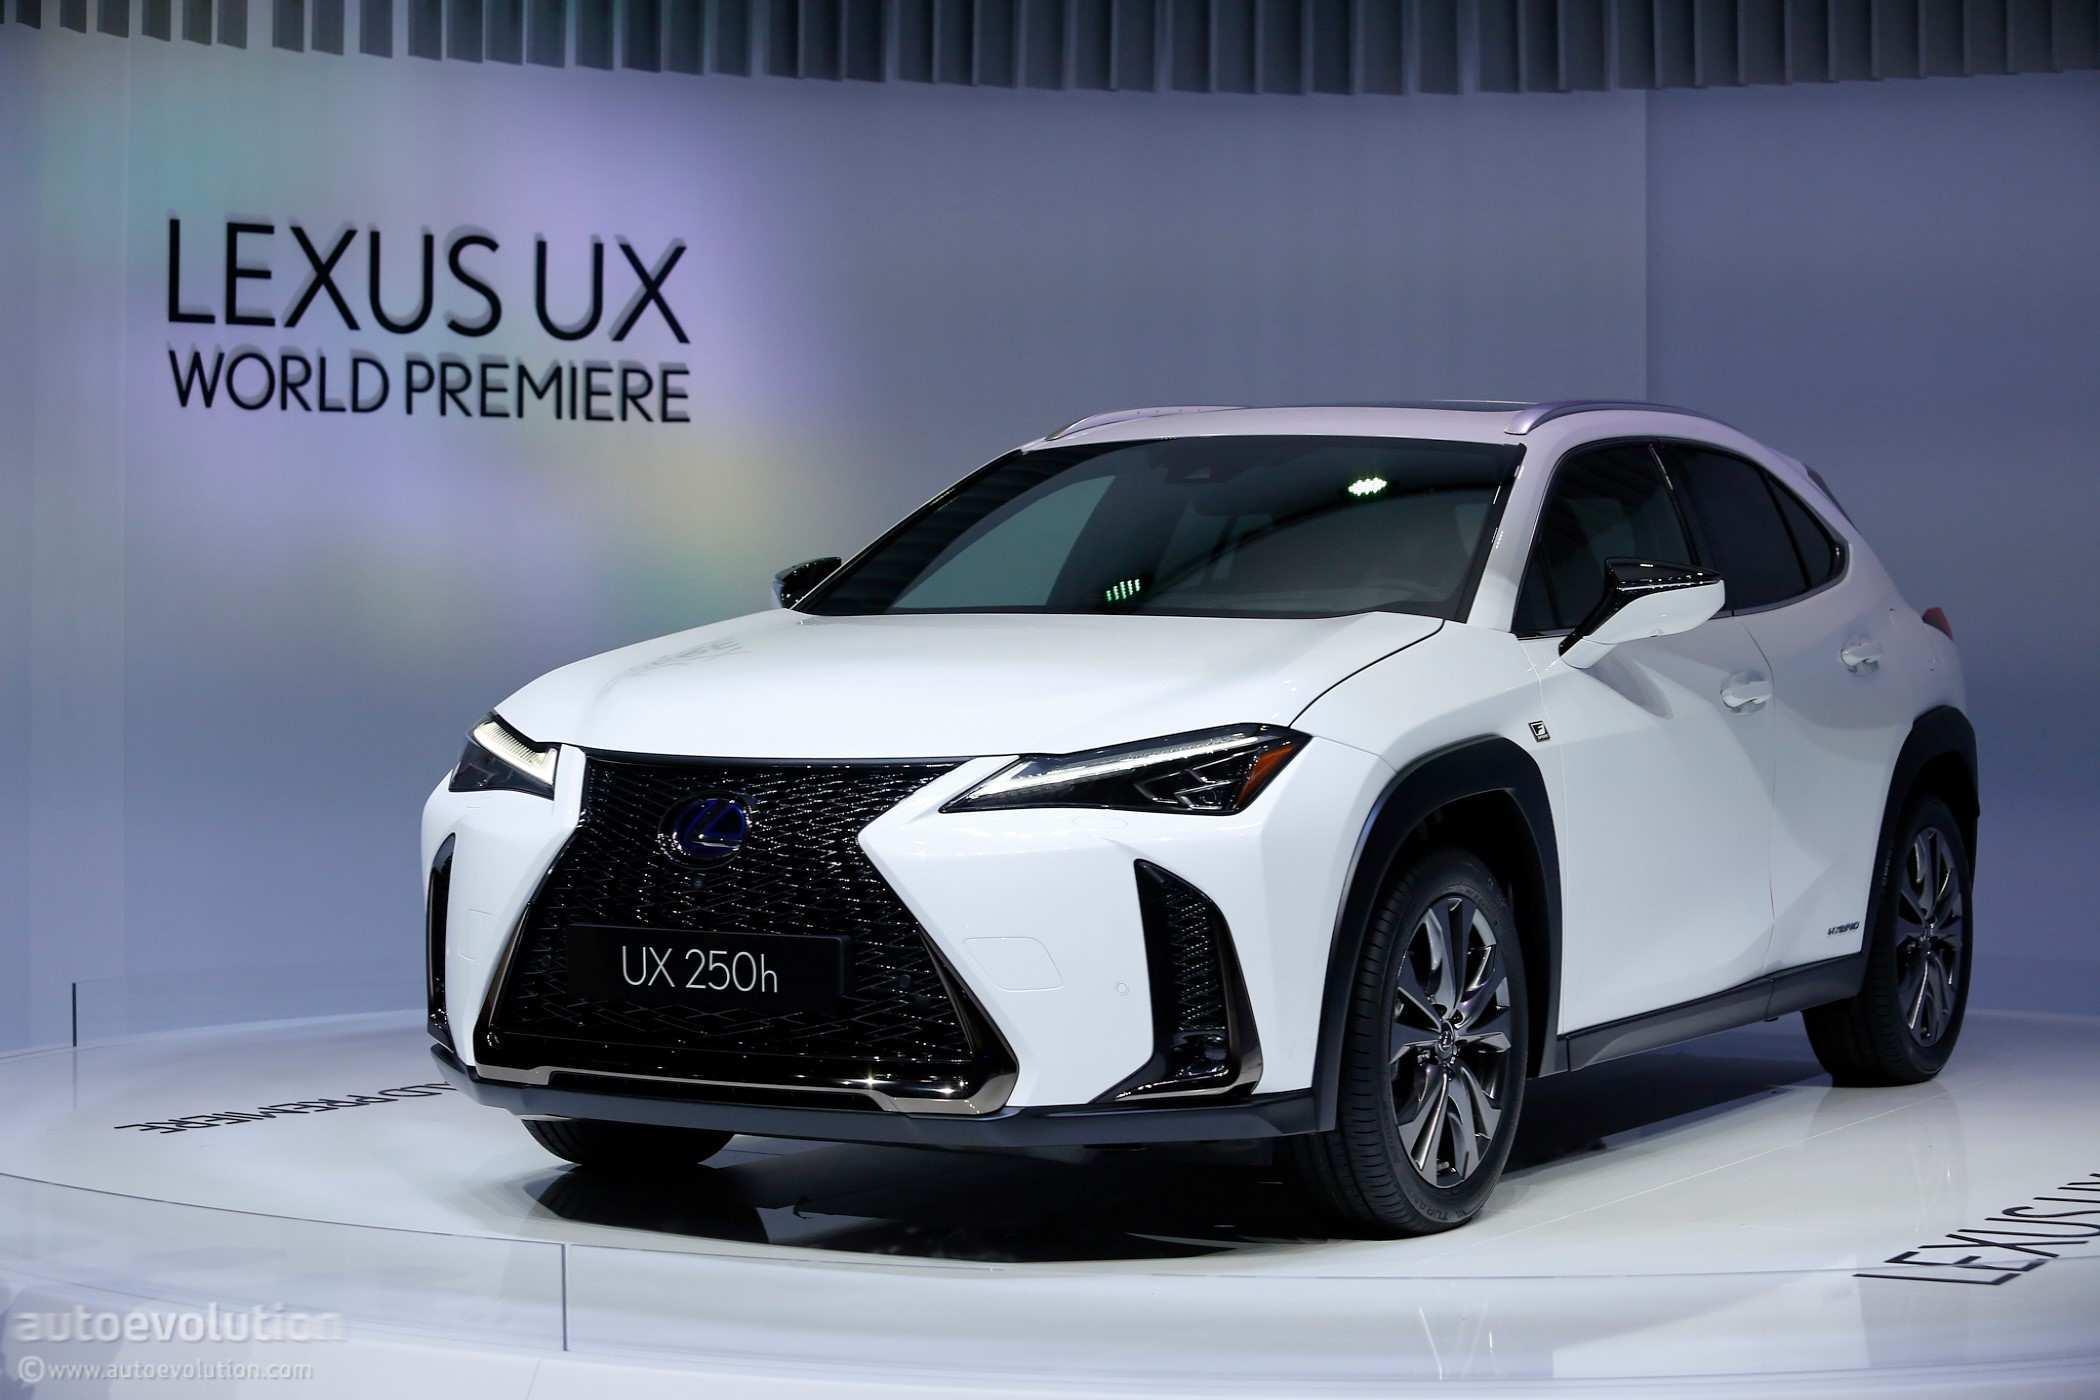 89 Great Lexus 2020 Sport Pricing for Lexus 2020 Sport